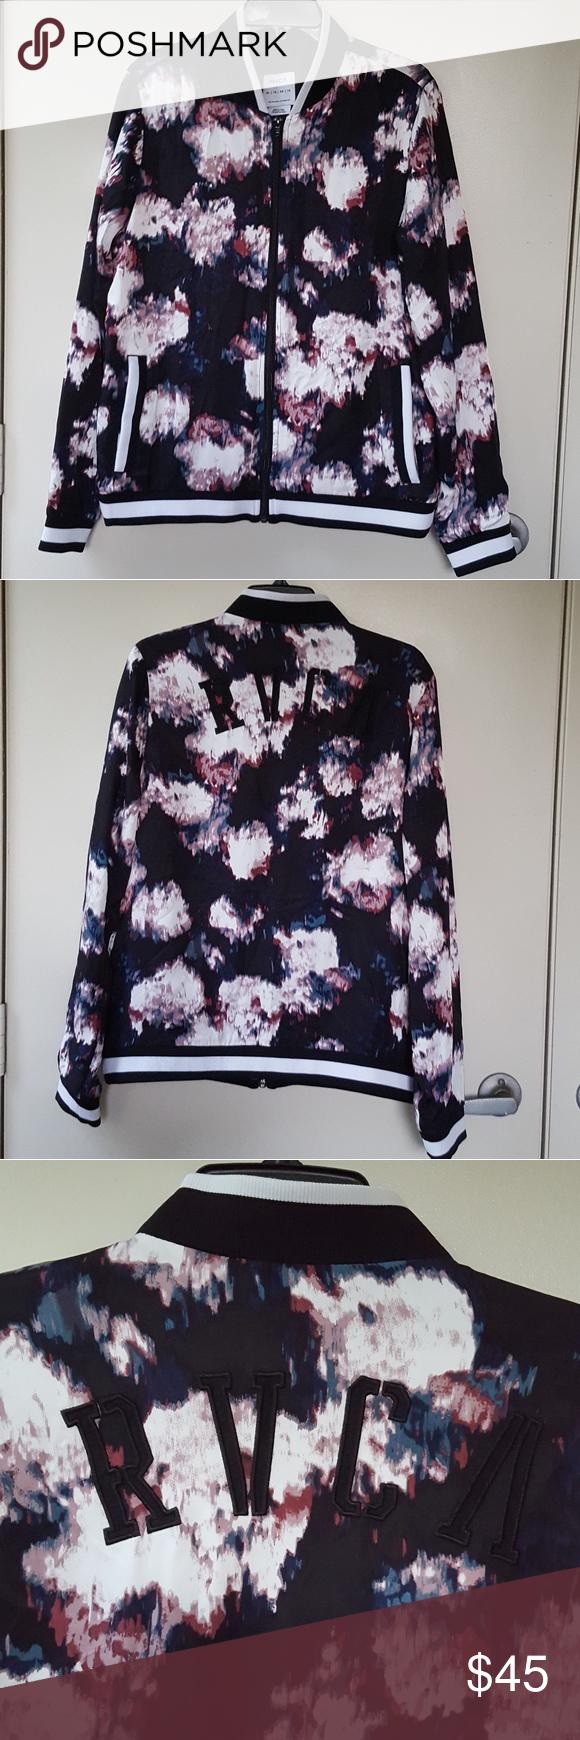 Rvca Bomber Jacket Clothes Design Rvca Jacket Fashion Design [ 1740 x 580 Pixel ]